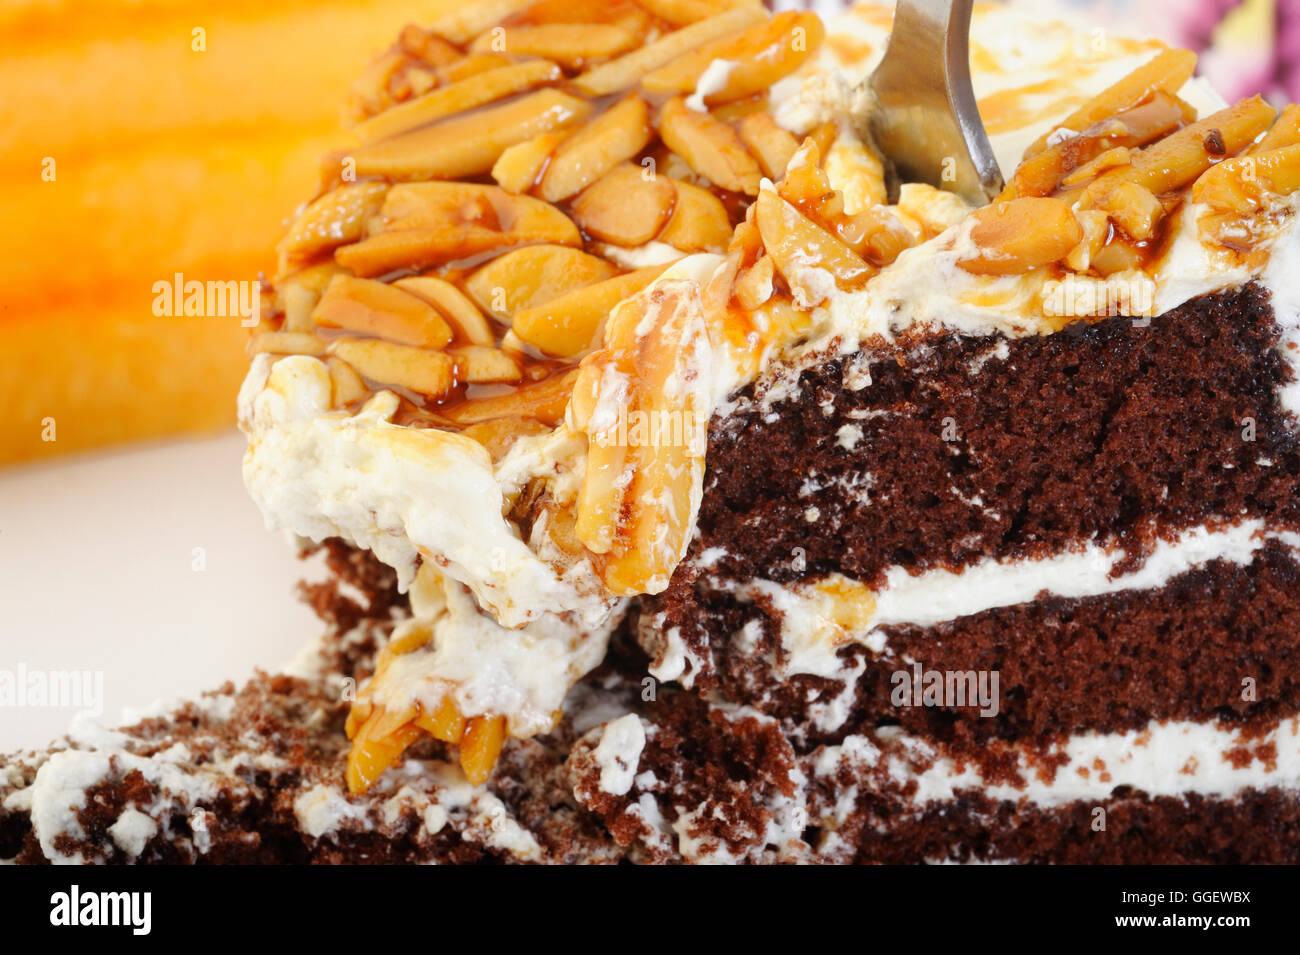 come torta Imagen De Stock